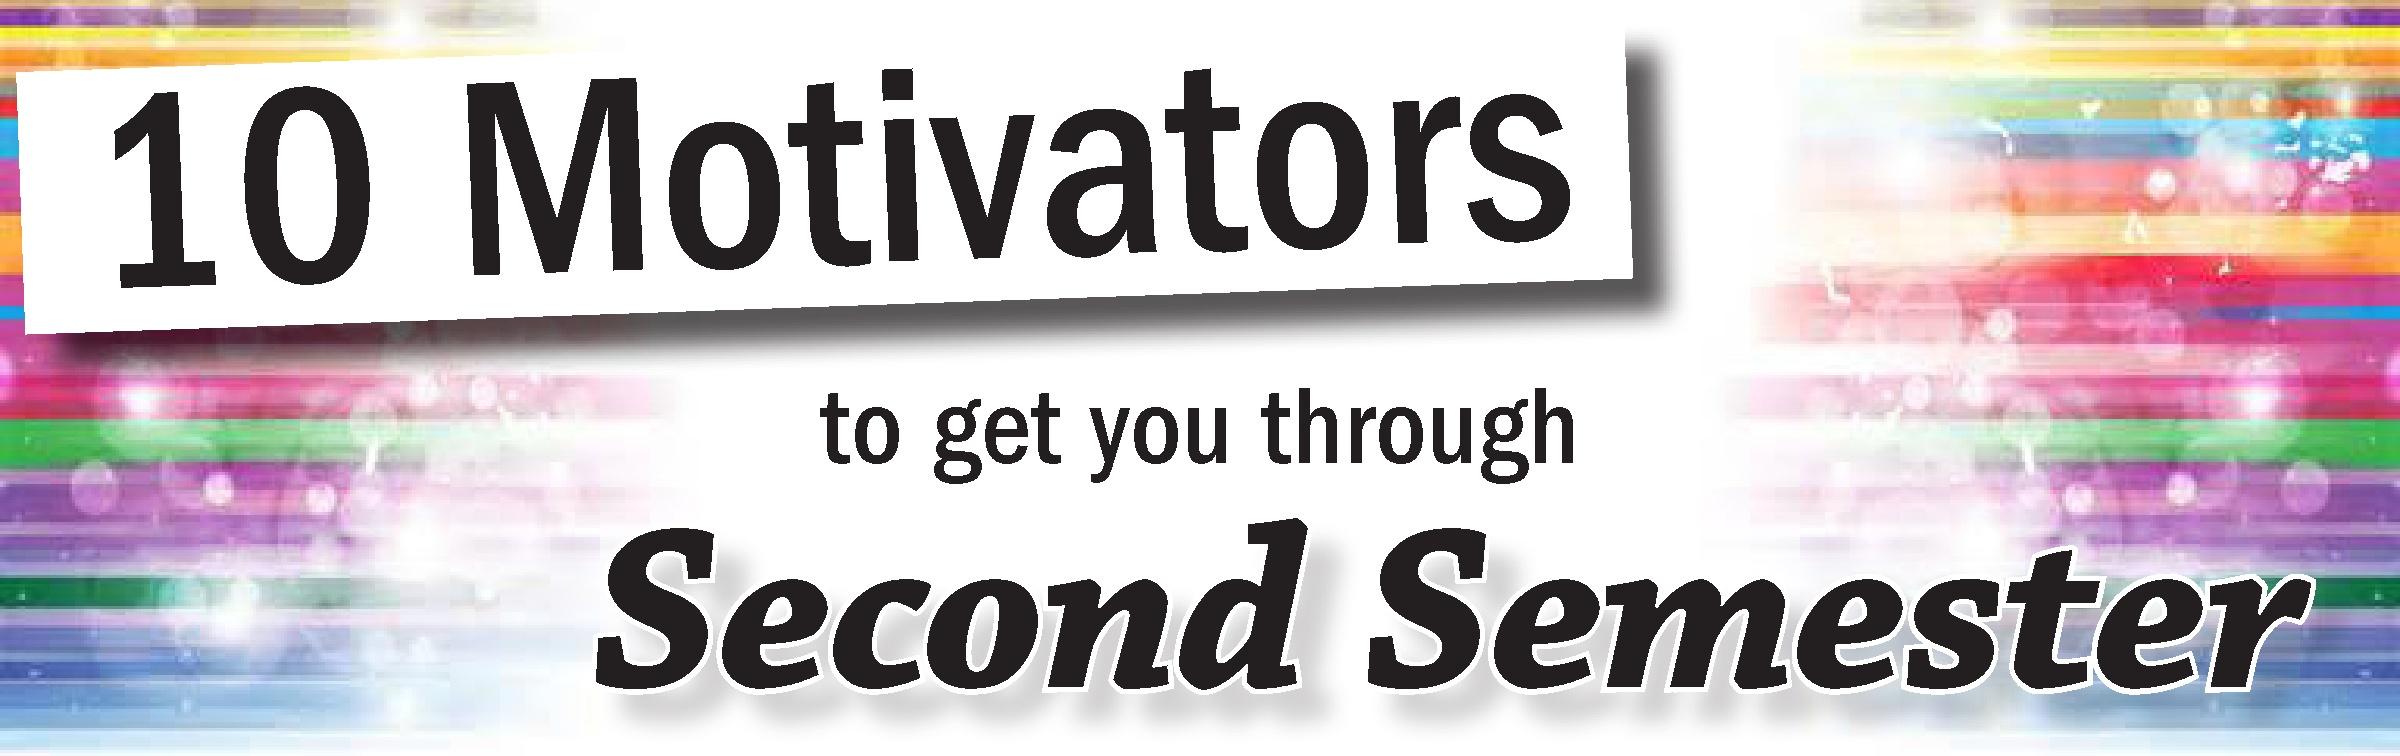 10 motivators banner.jpg